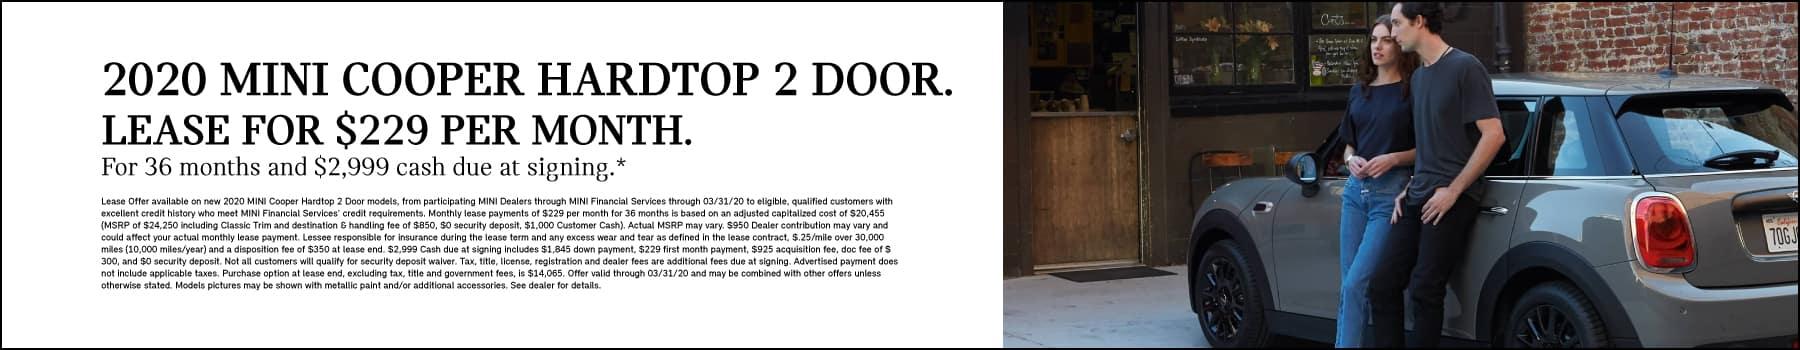 Hardtop 2 Door Cooper: Lease $229 per month for 36 months